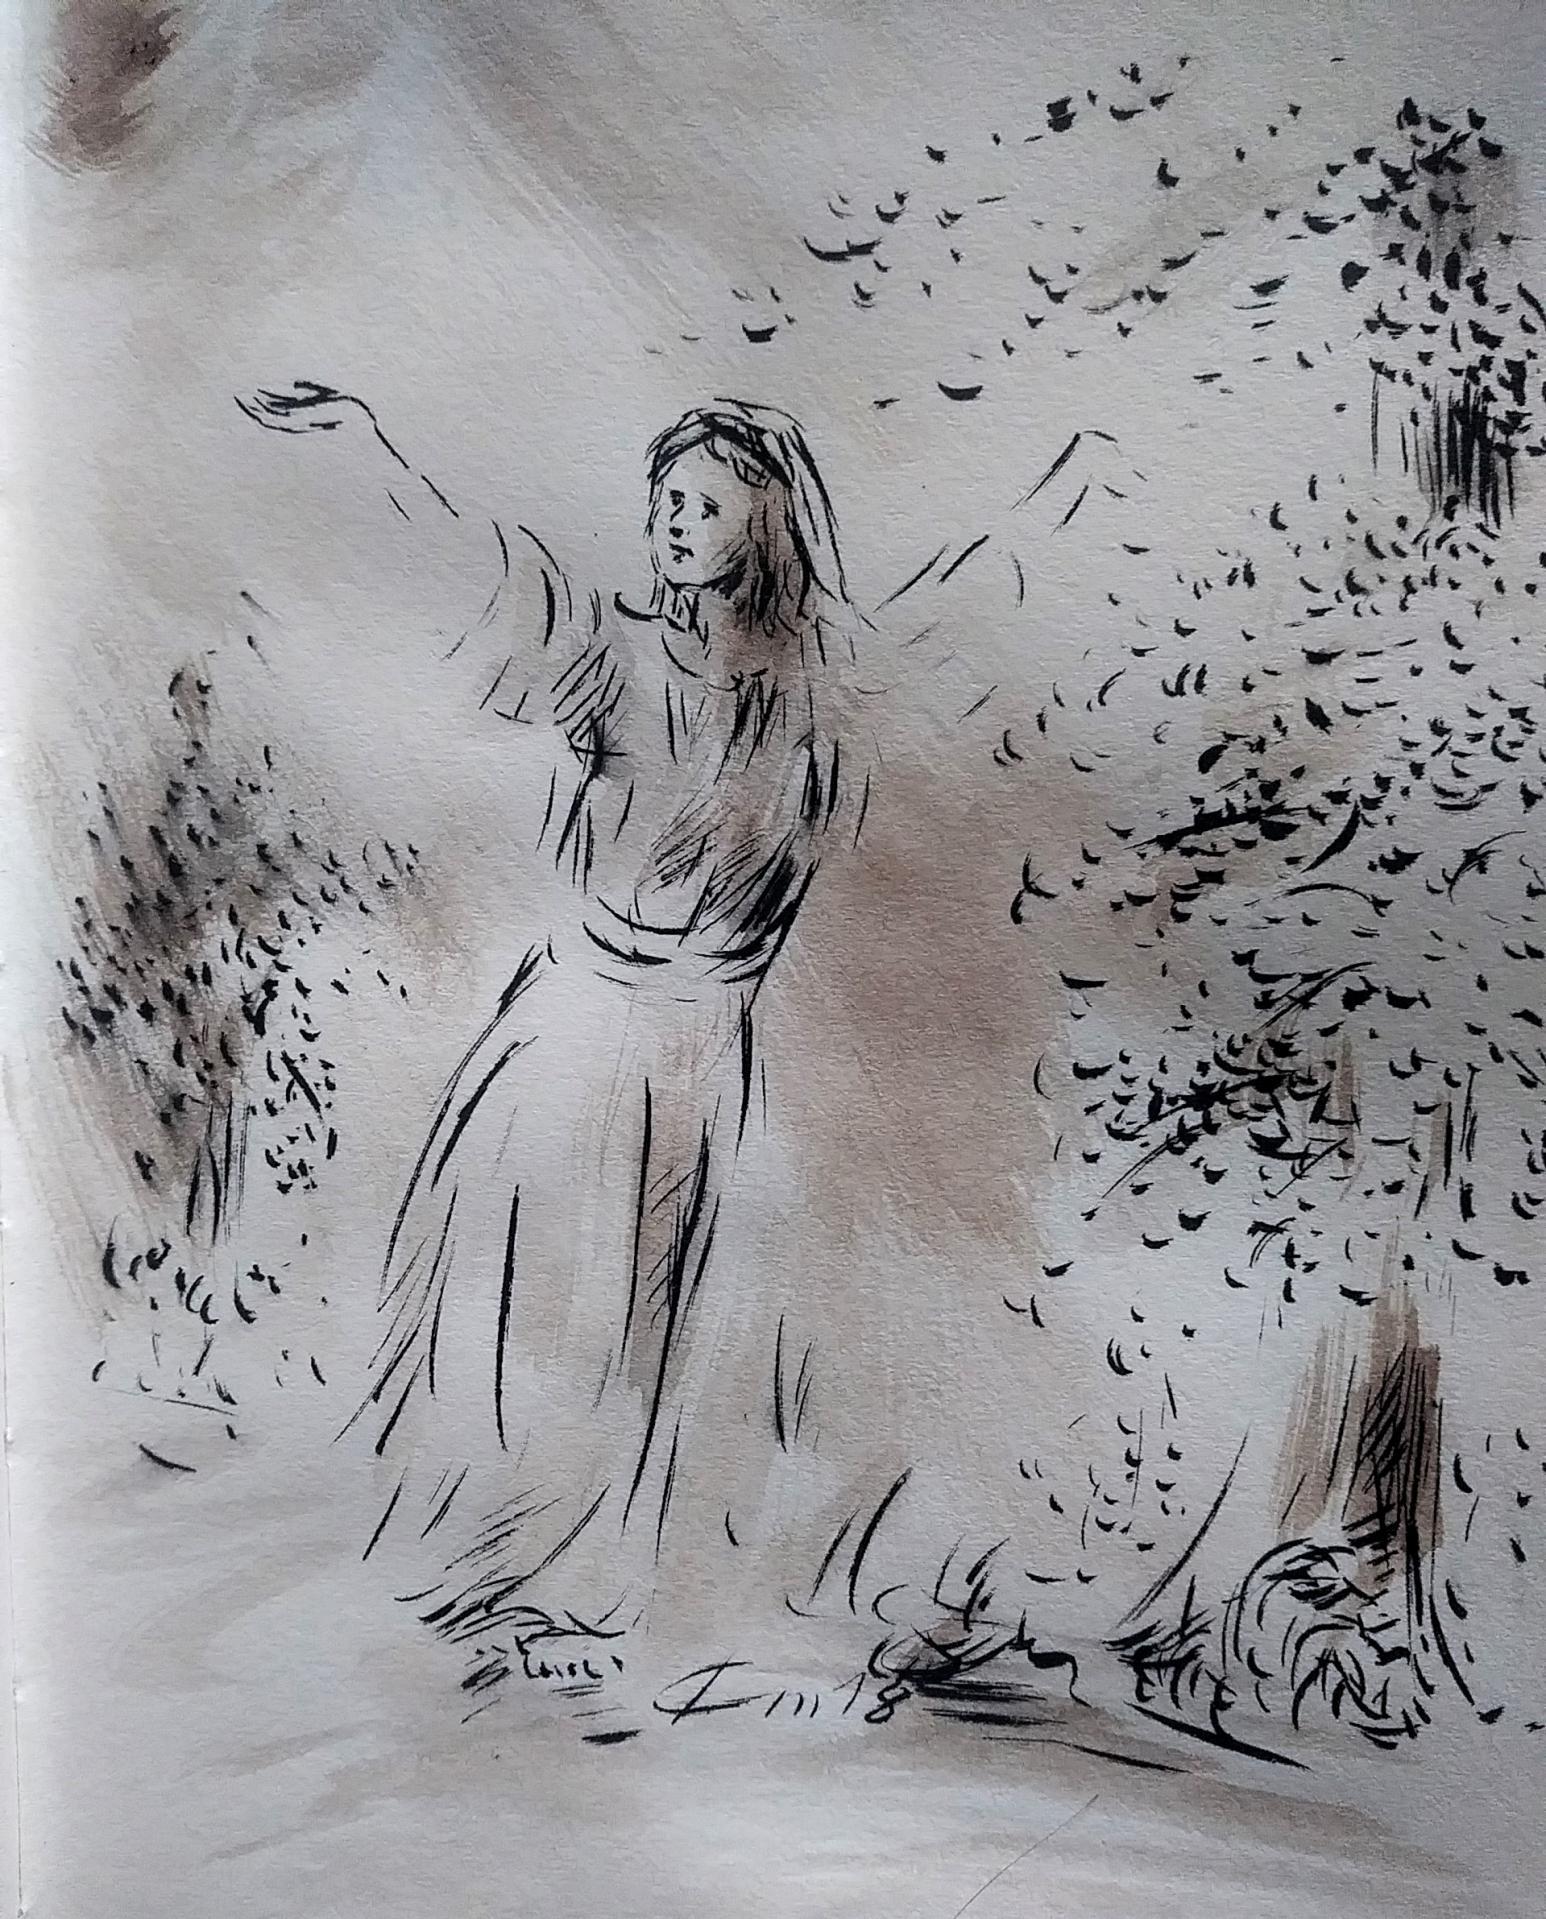 31 Mai 2018, évangile du jour illustré par un dessin au lavis